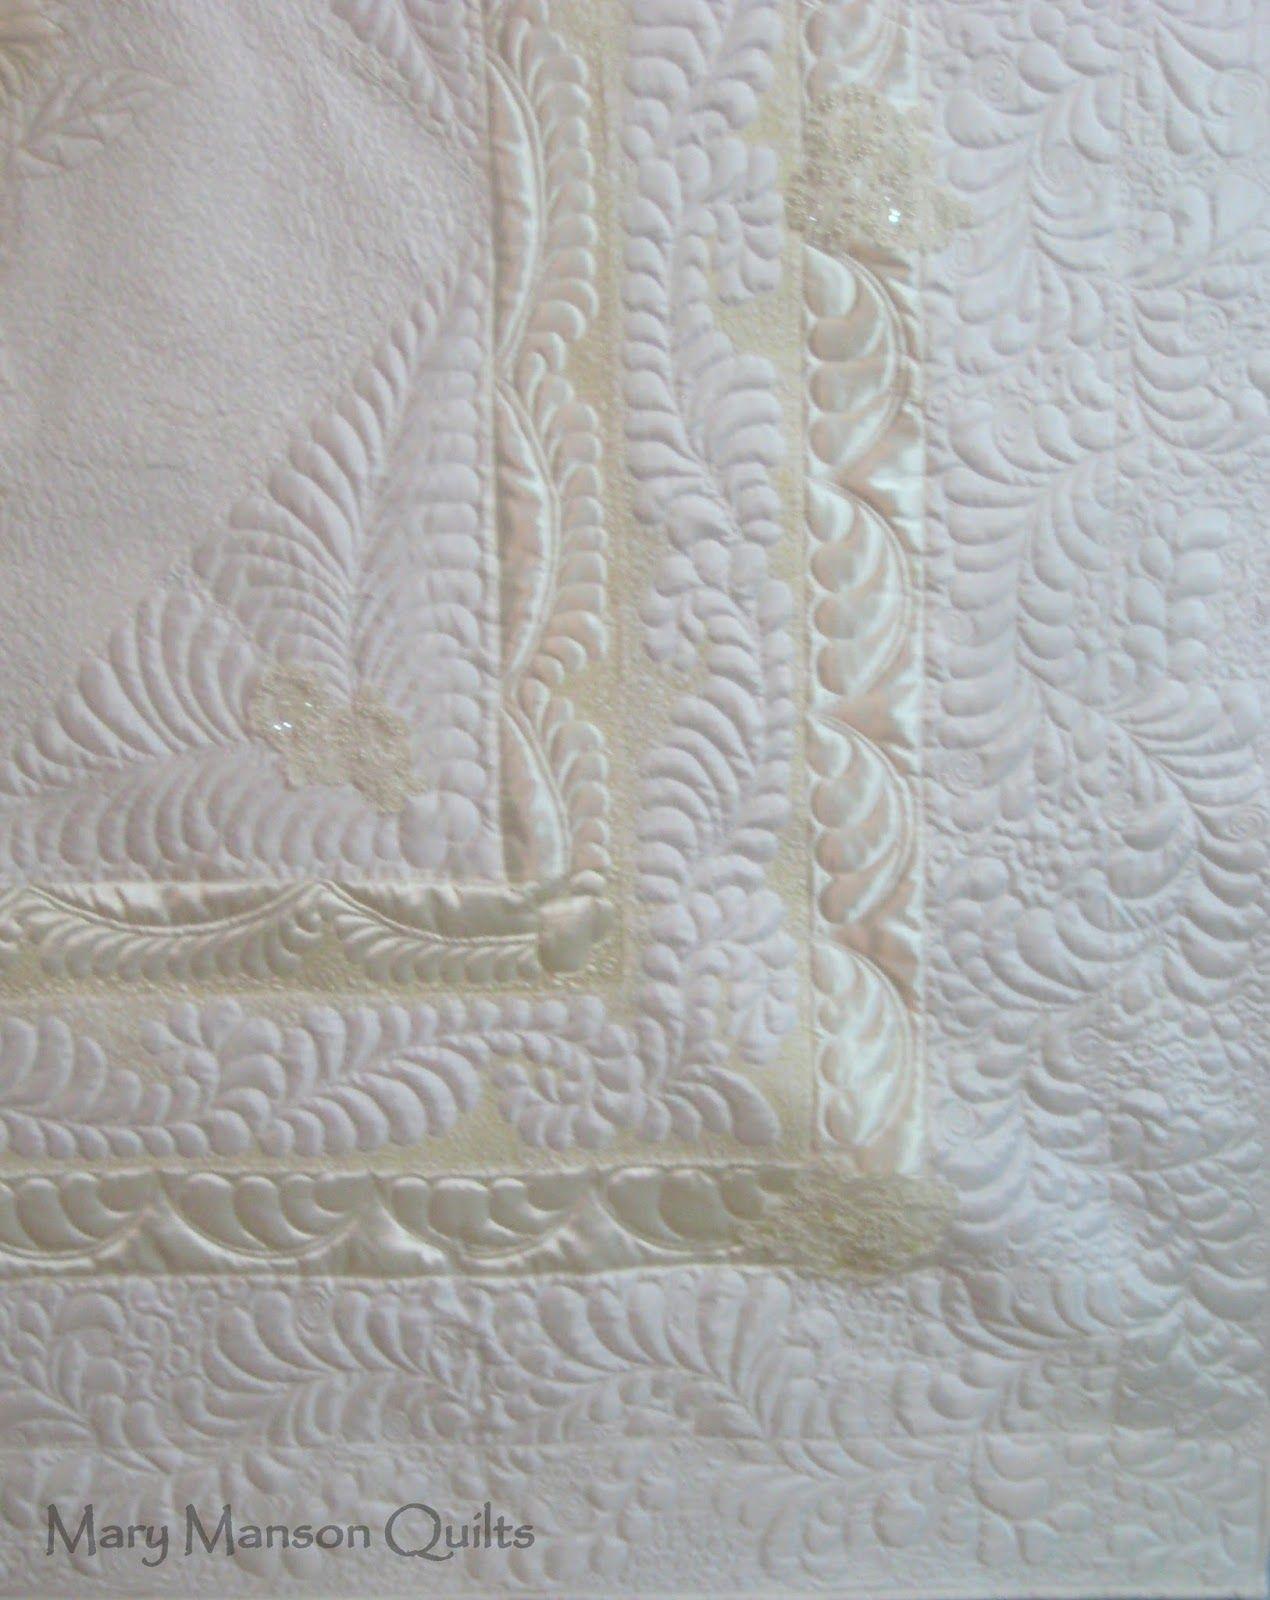 Derail of quilting in biggest Wedding Dress Quilt Yet!